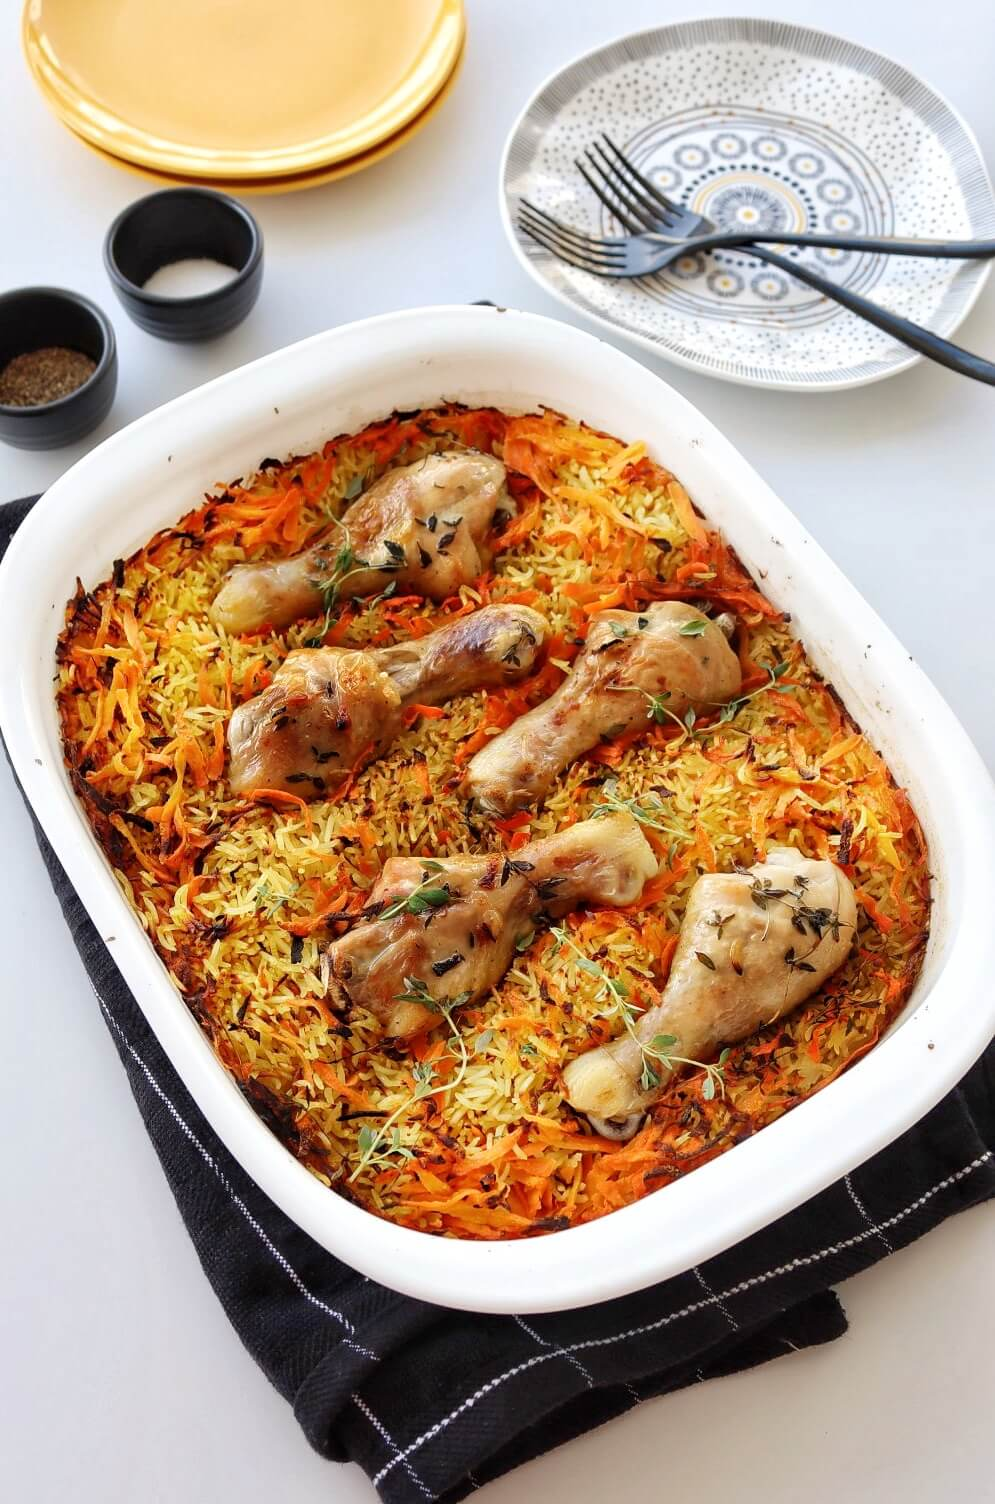 עוף אם אורז בתנור בתבנית, חם מהתנור